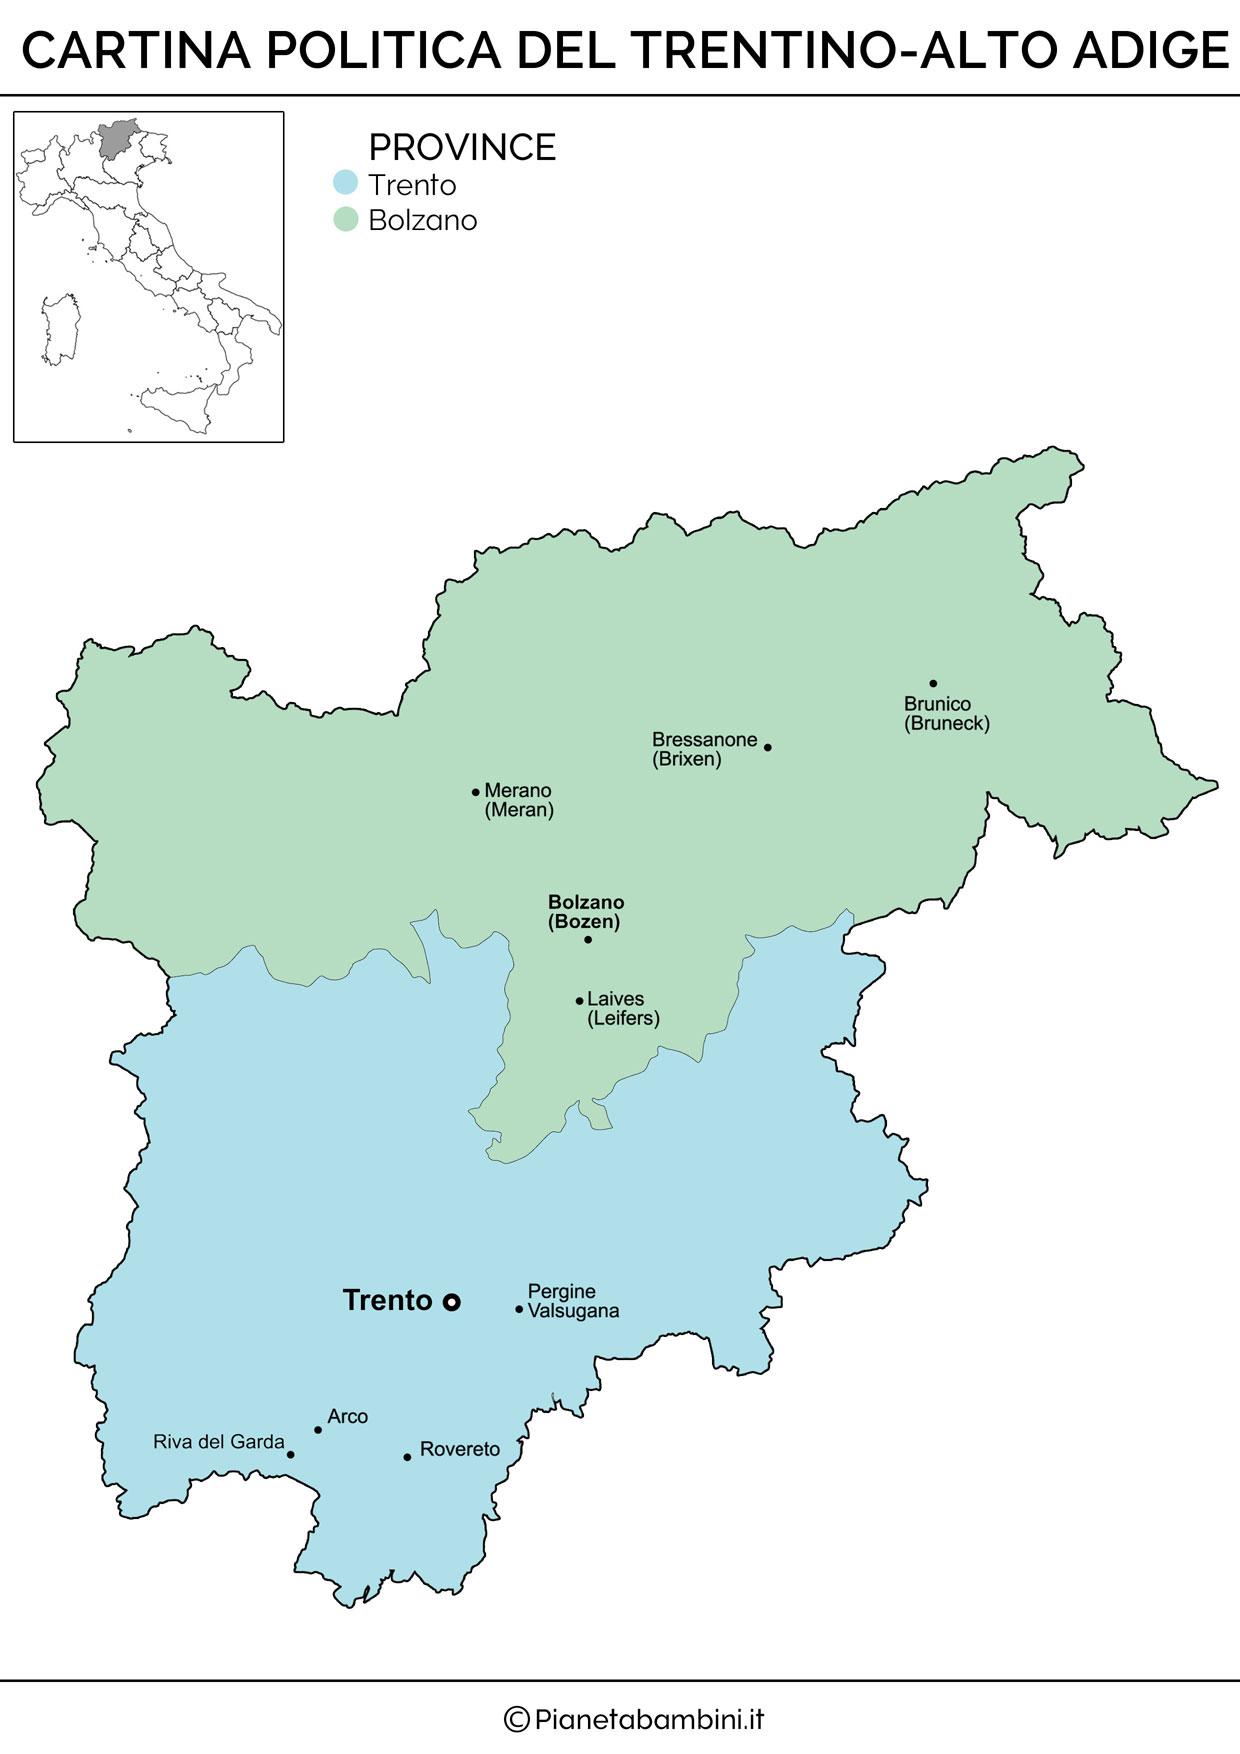 Cartina politica del Trentino Alto Adige da stampare gratis